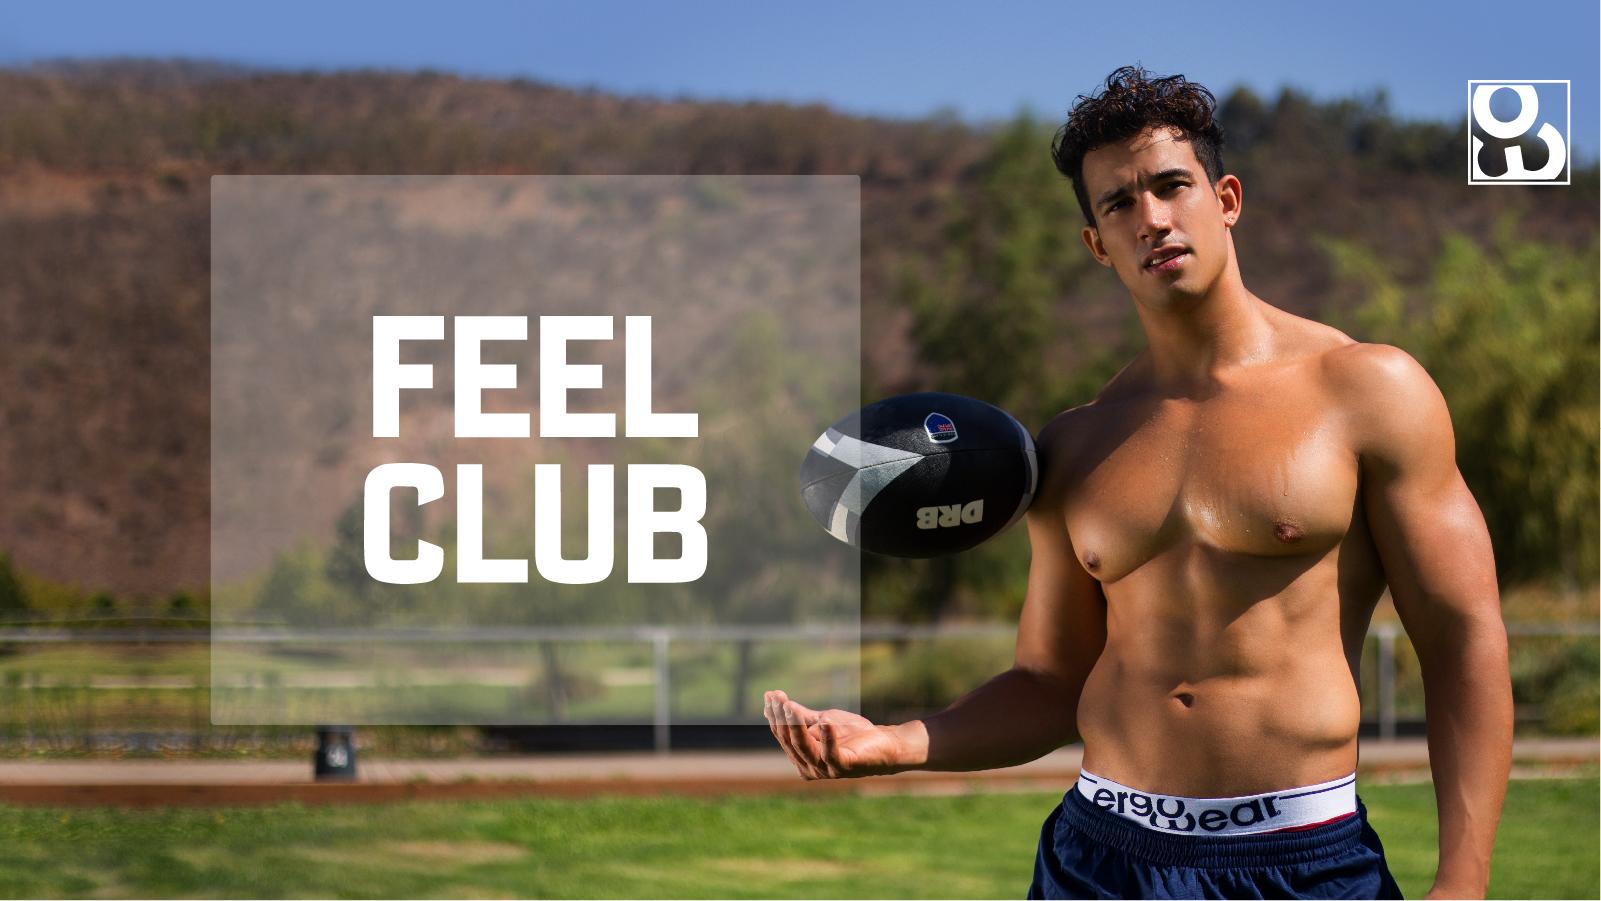 Feel Club - Ergowear